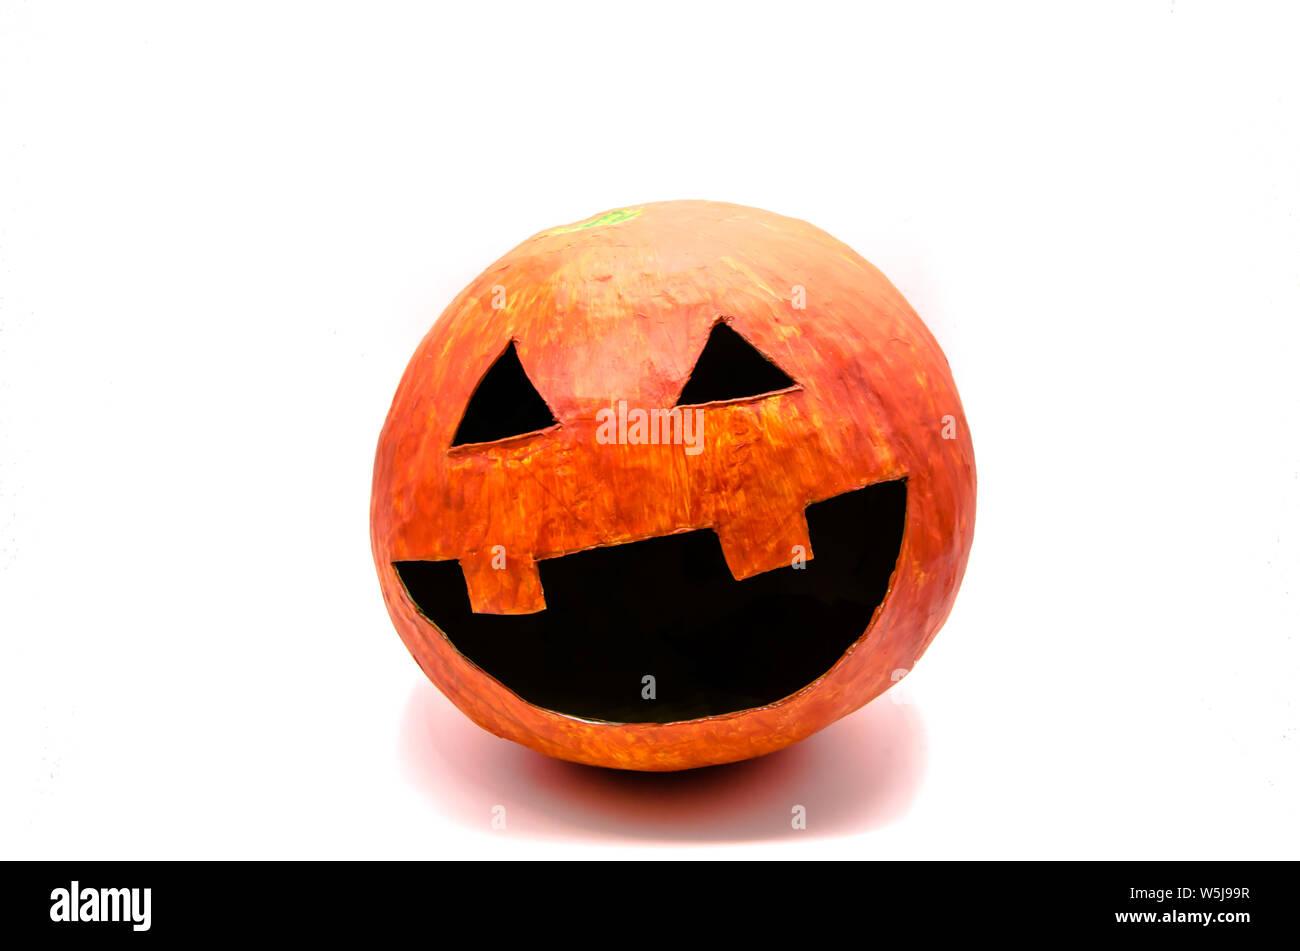 Zucca Halloween Cartapesta.La Zucca Arancione Con La Bocca Aperta E Gli Occhi Di Forma